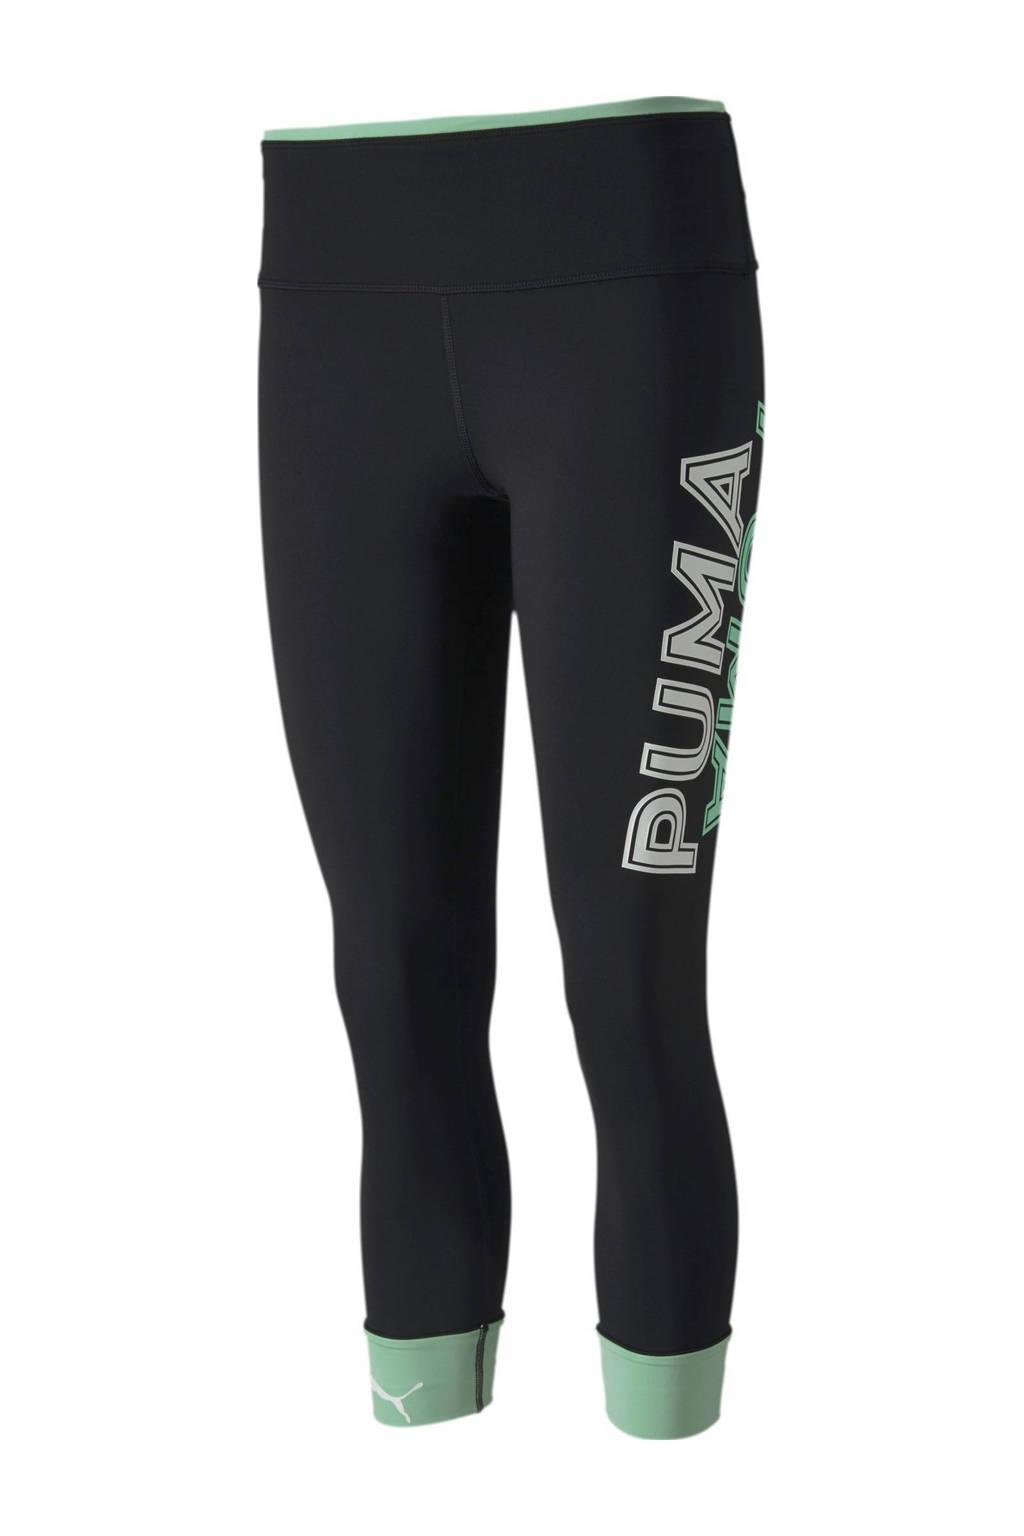 Puma legging zwart/groen, Zwart/groen